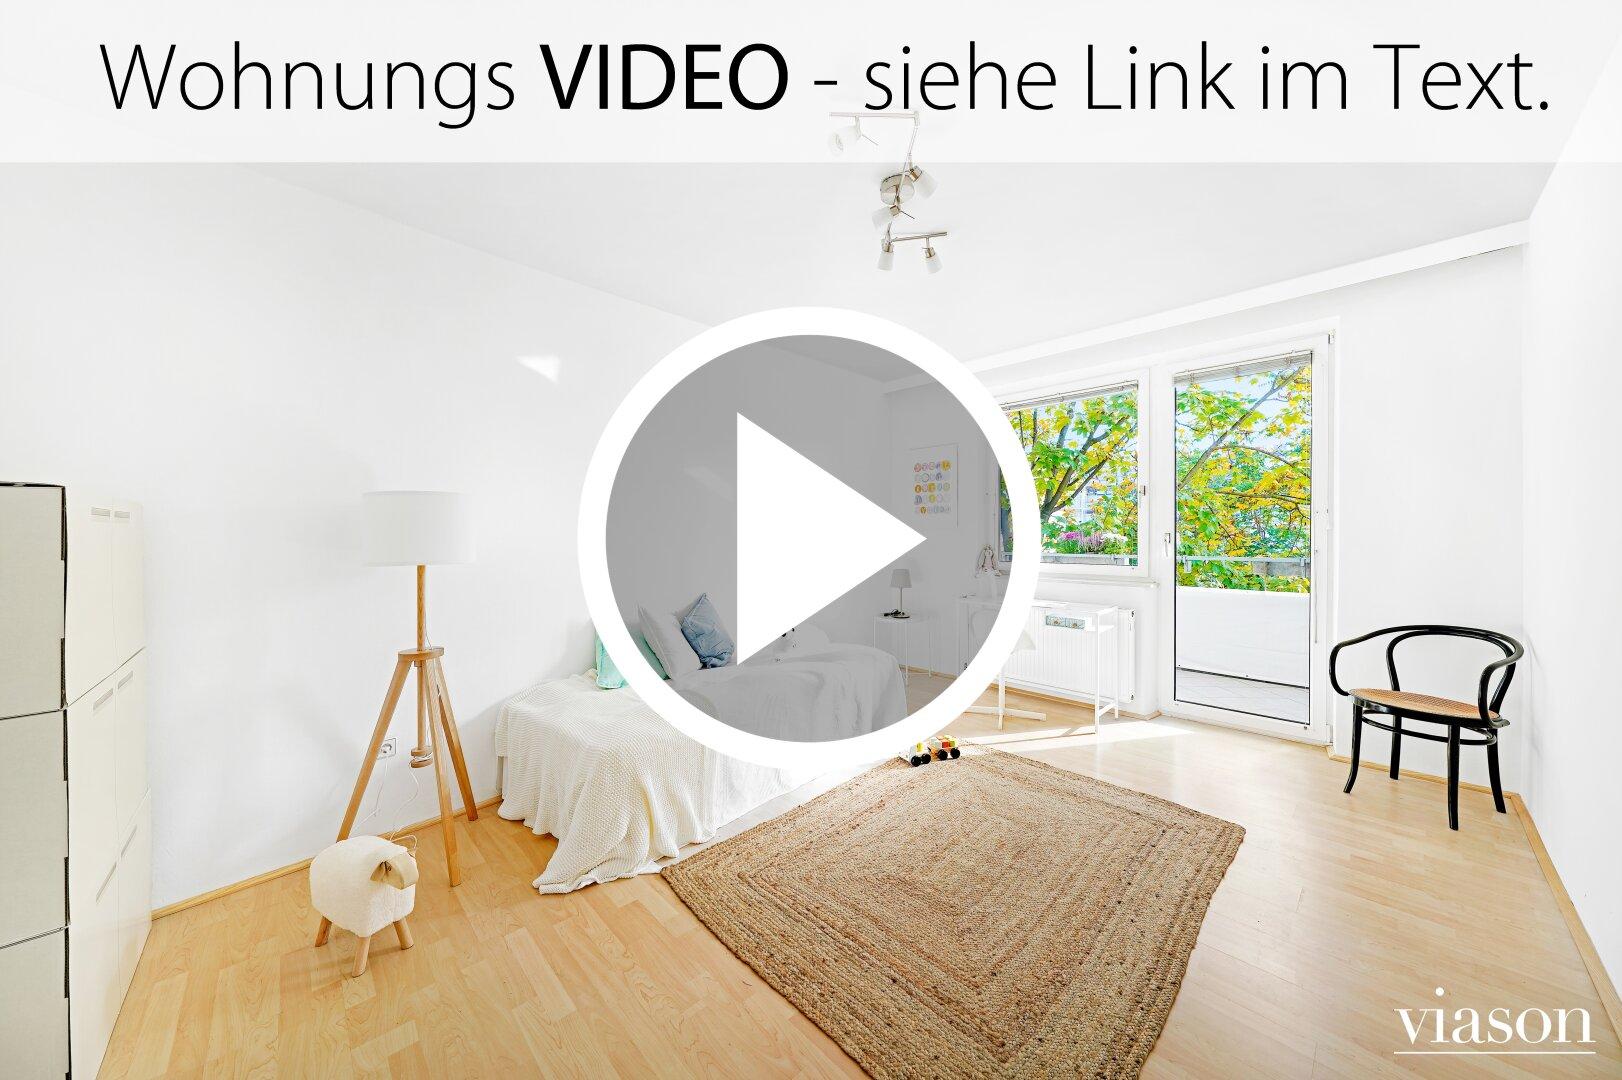 Wohnungs VIDEO siehe Link im Text